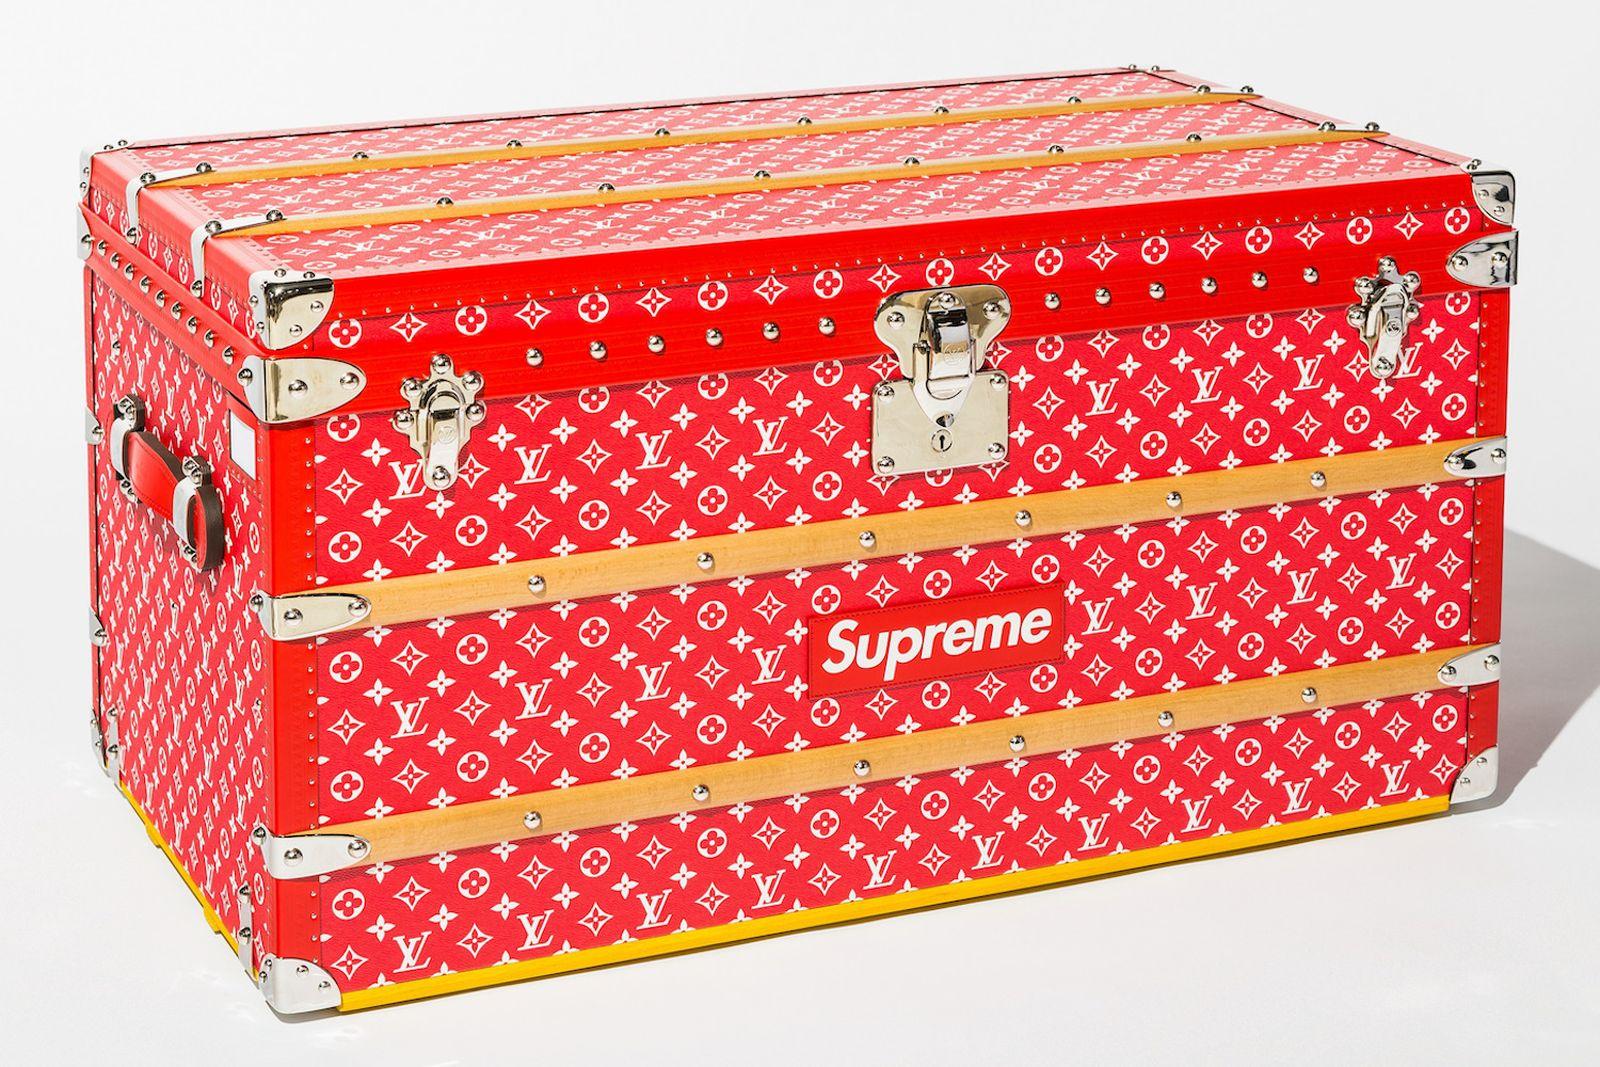 supreme louis vuitton malle courrier trunk auction Heritage Auctions